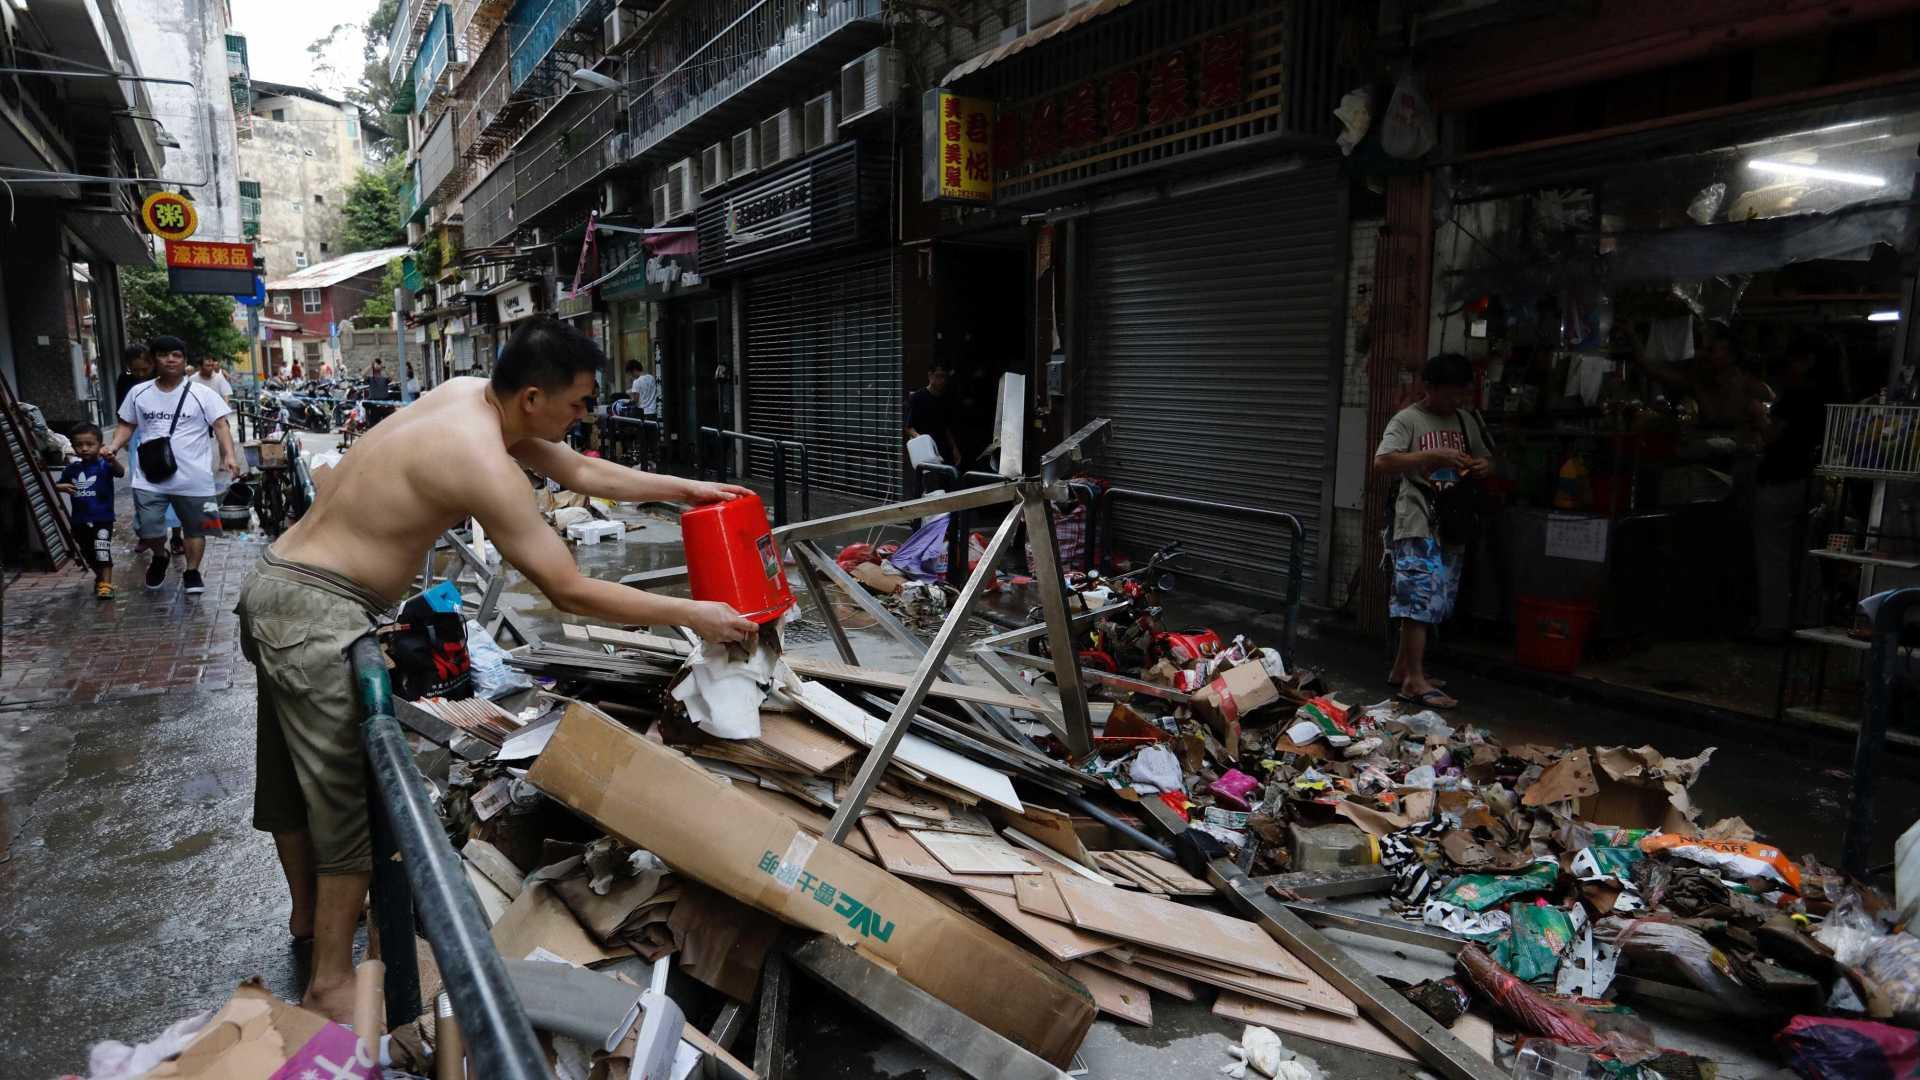 Voluntariado   Quando os residentes saíram à rua para limpar Macau